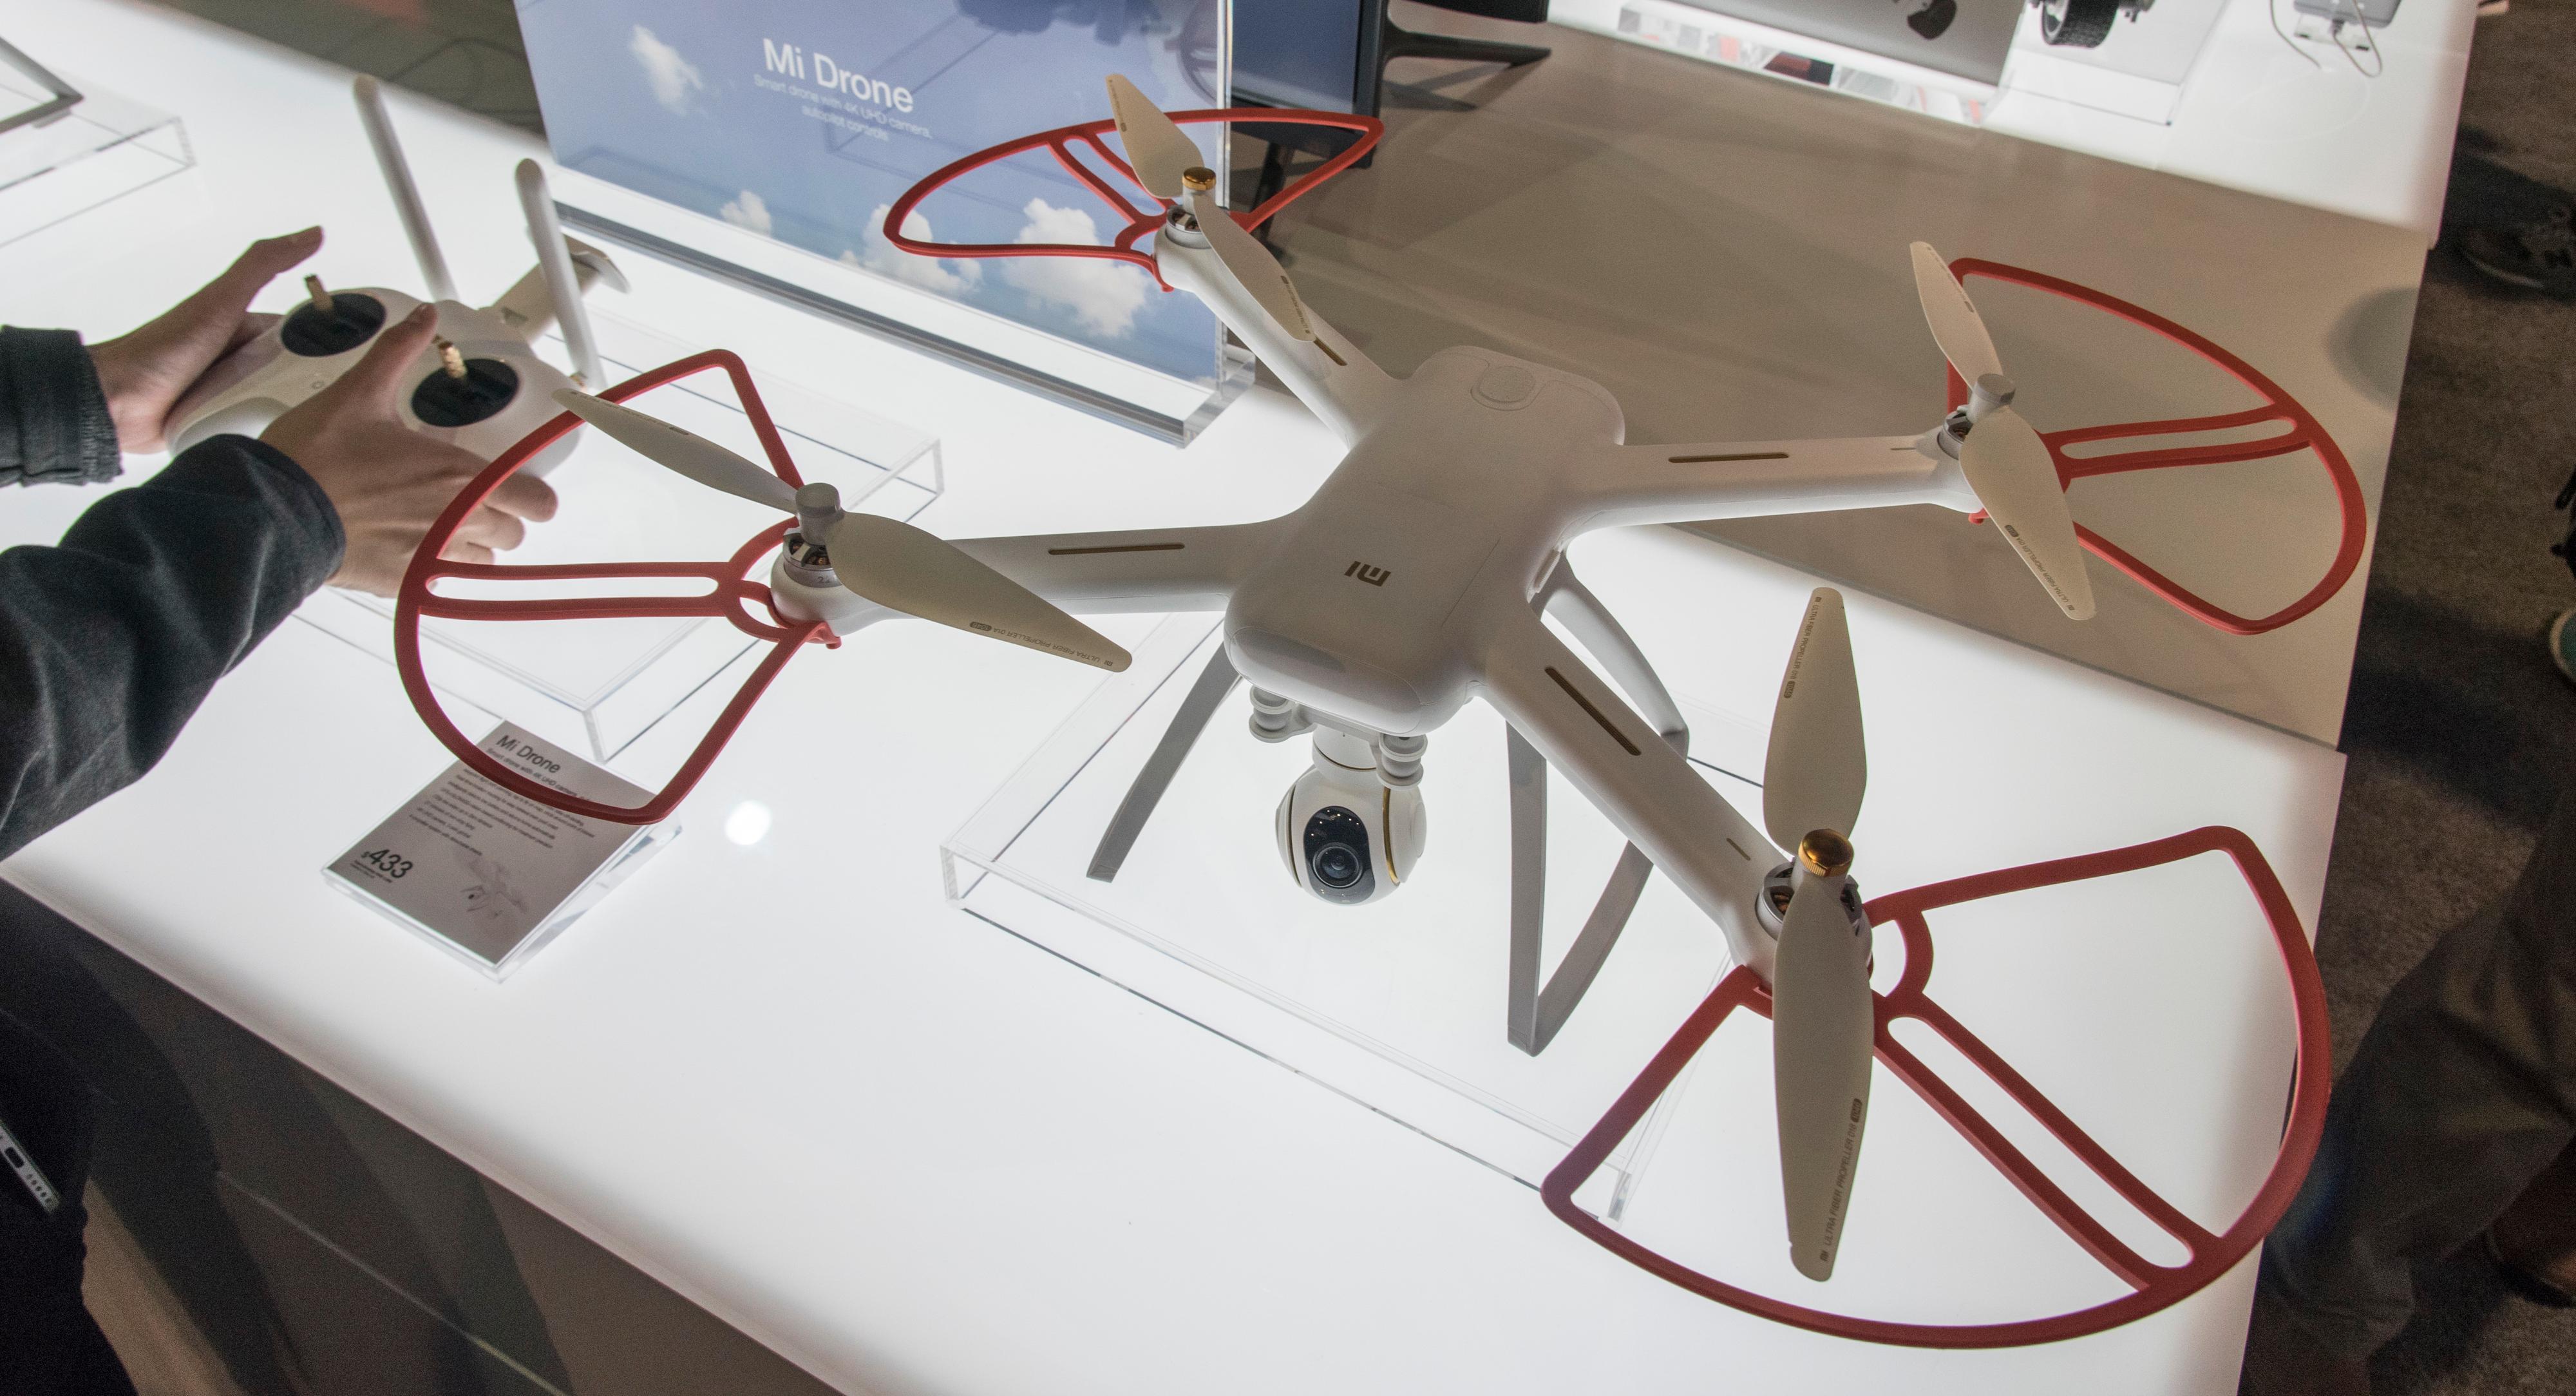 En avansert drone med to kilometers rekkevidde er på sett og vis noe av det mer ordinære Xiaomi lager. Bilde: Finn Jarle Kvalheim, Tek.no